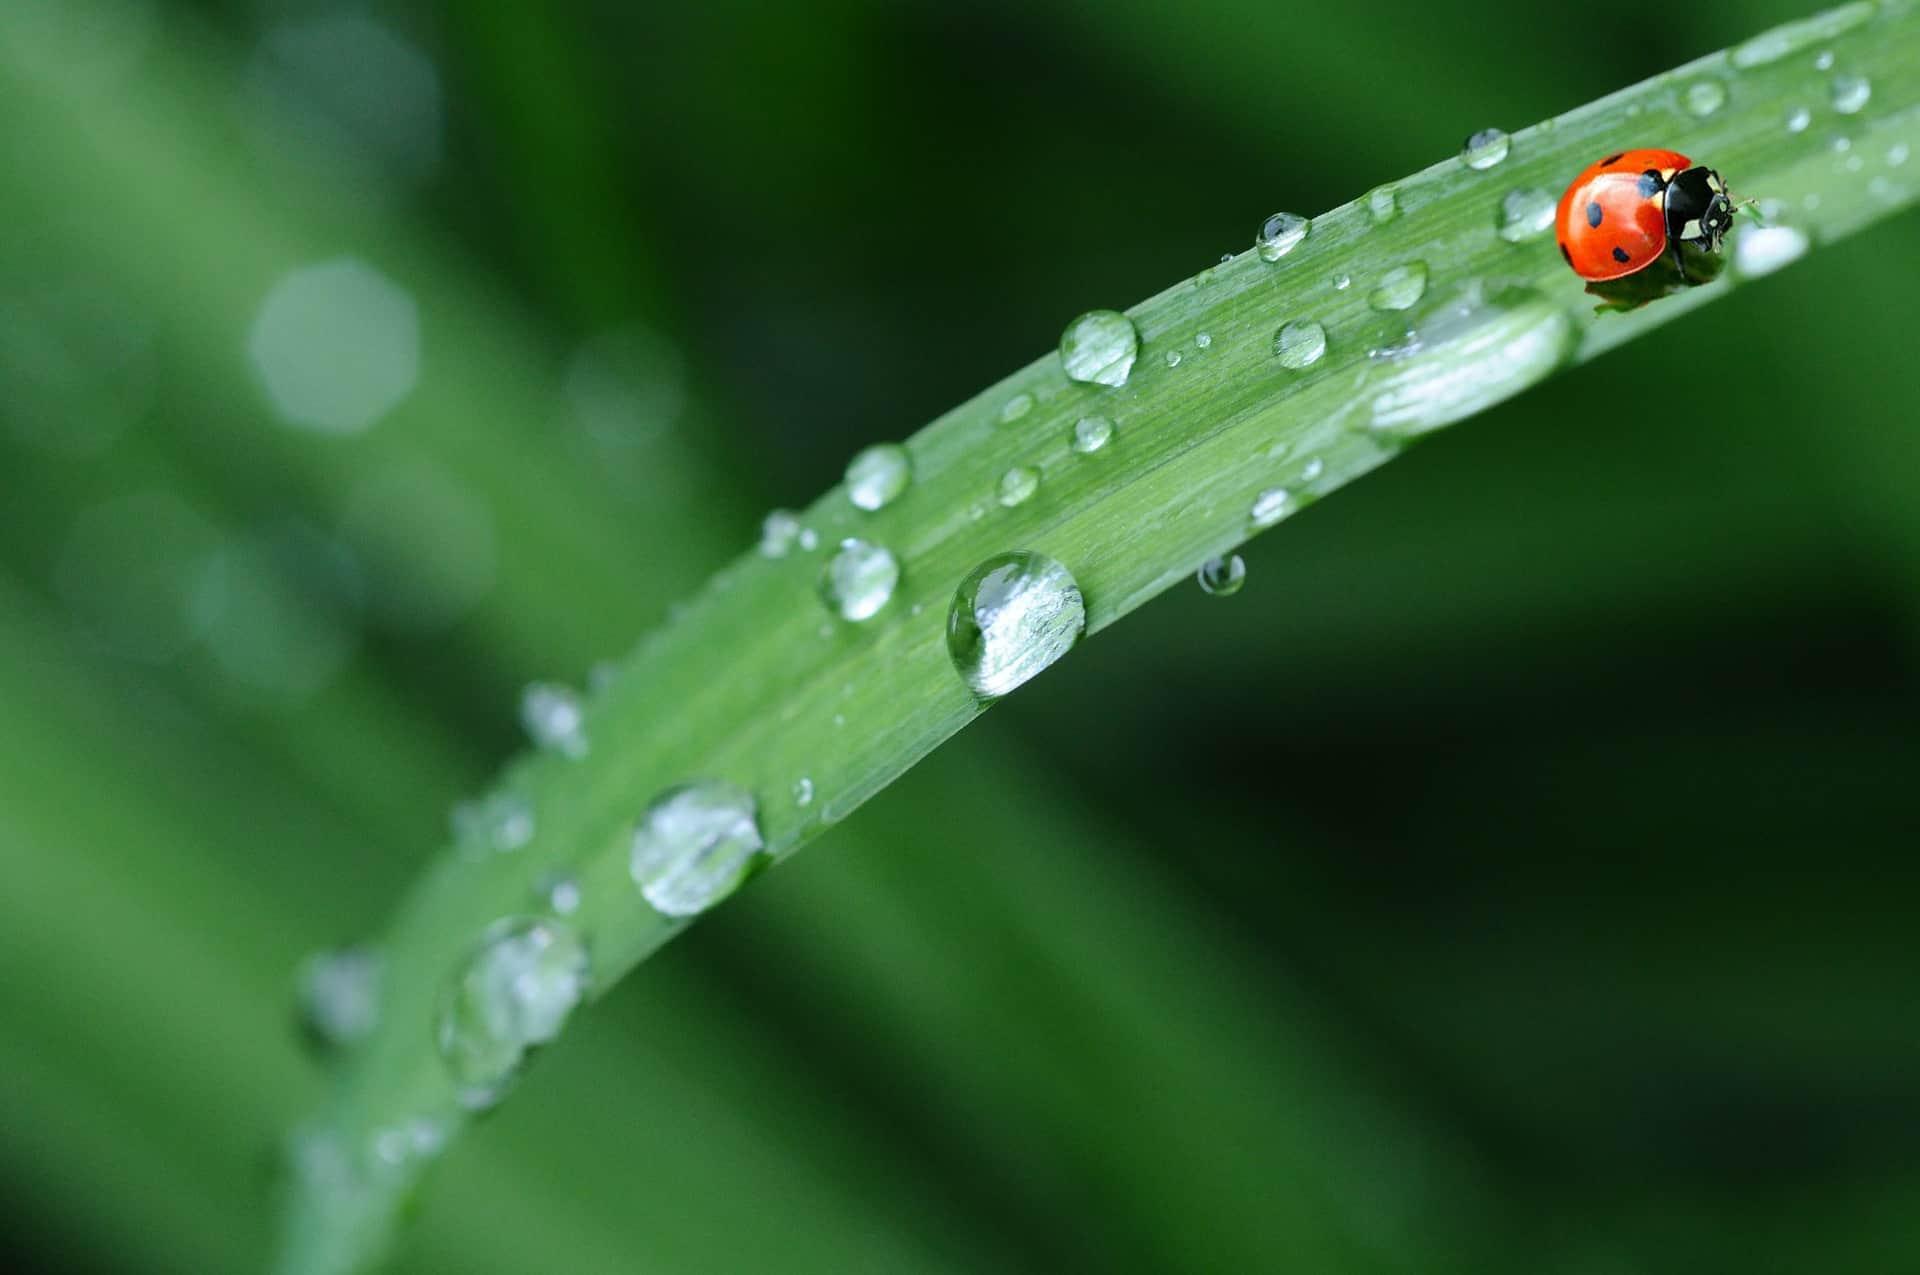 Regenjacke: Test & Empfehlungen (09/20)